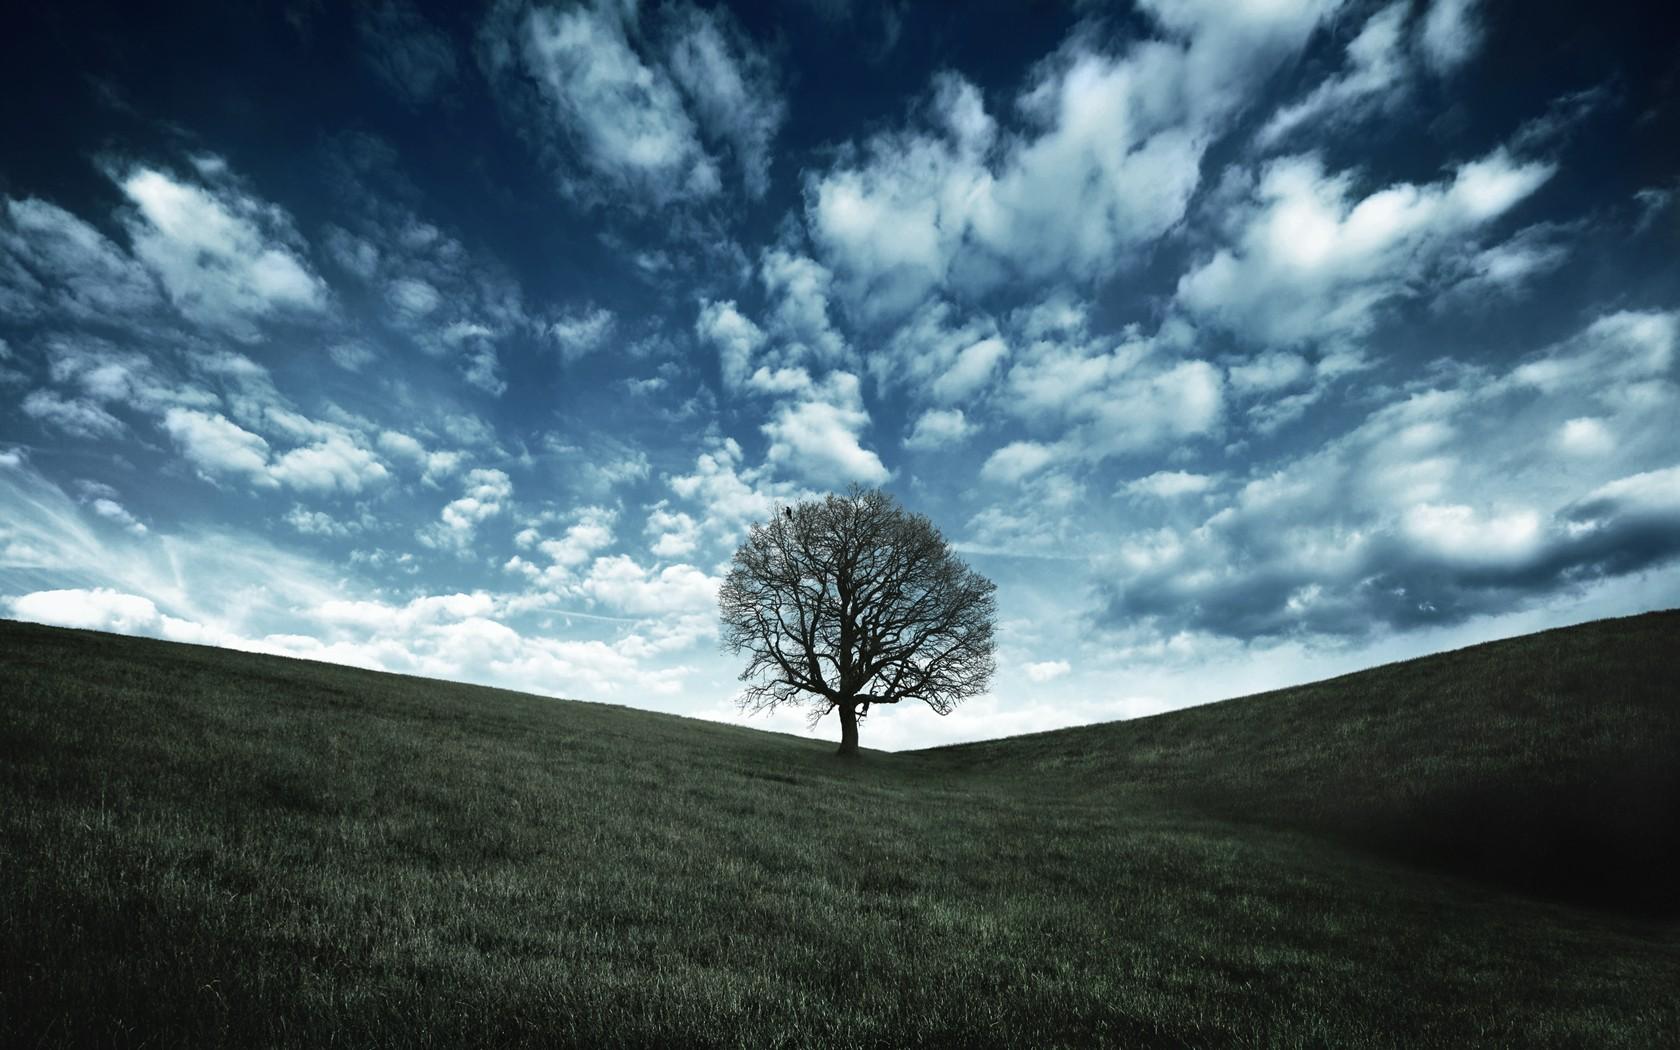 кожи картинки дерево на холме волшебной